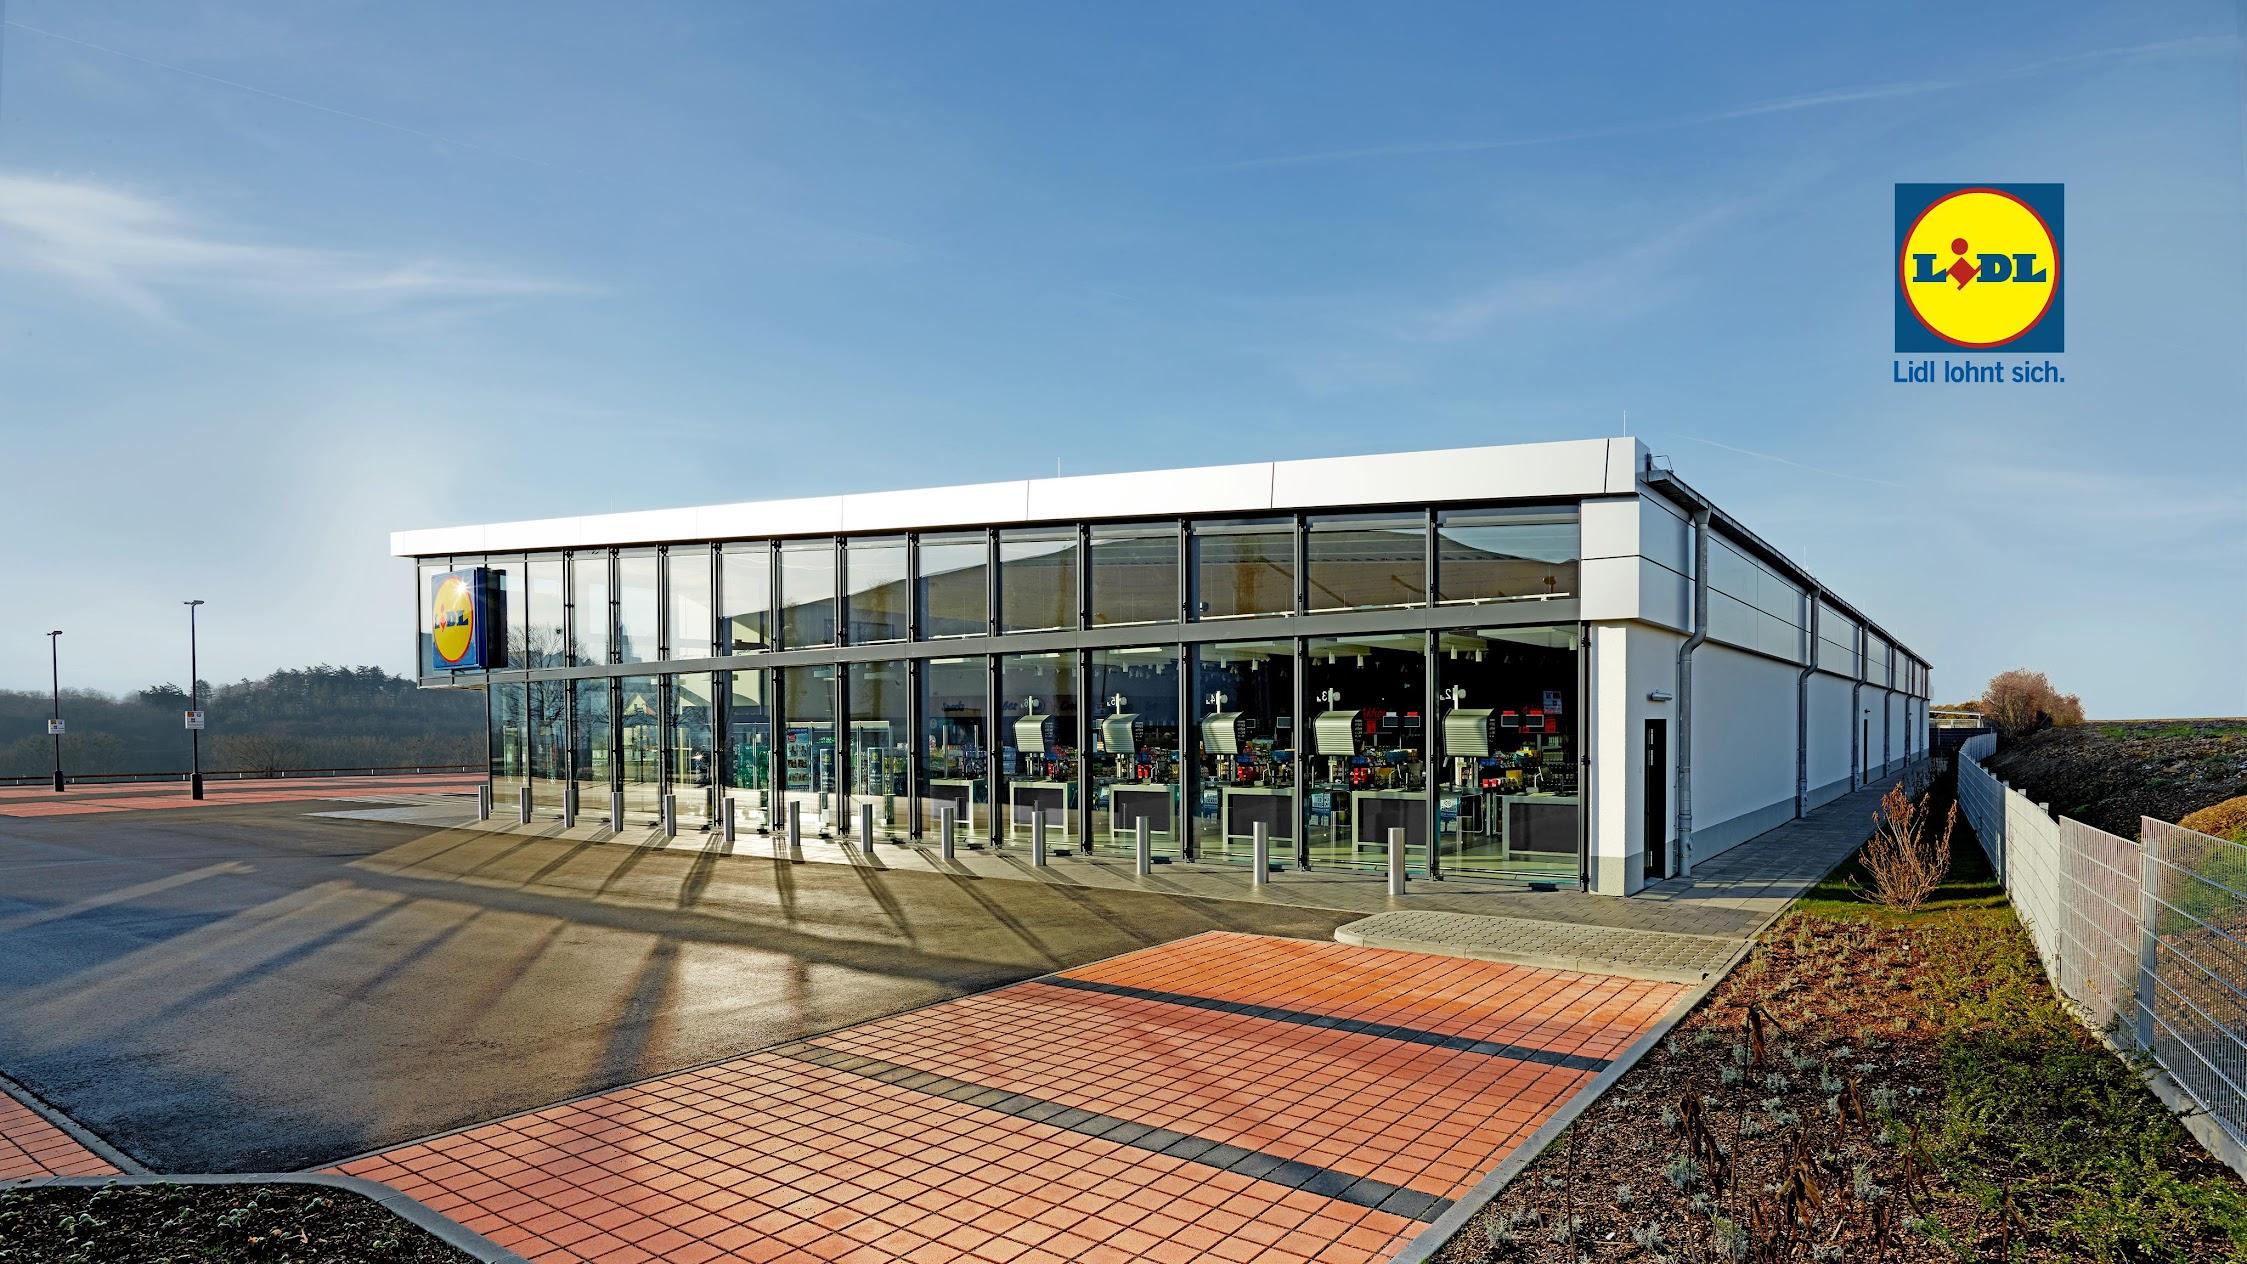 Lidl E-Commerce International GmbH & Co. KG